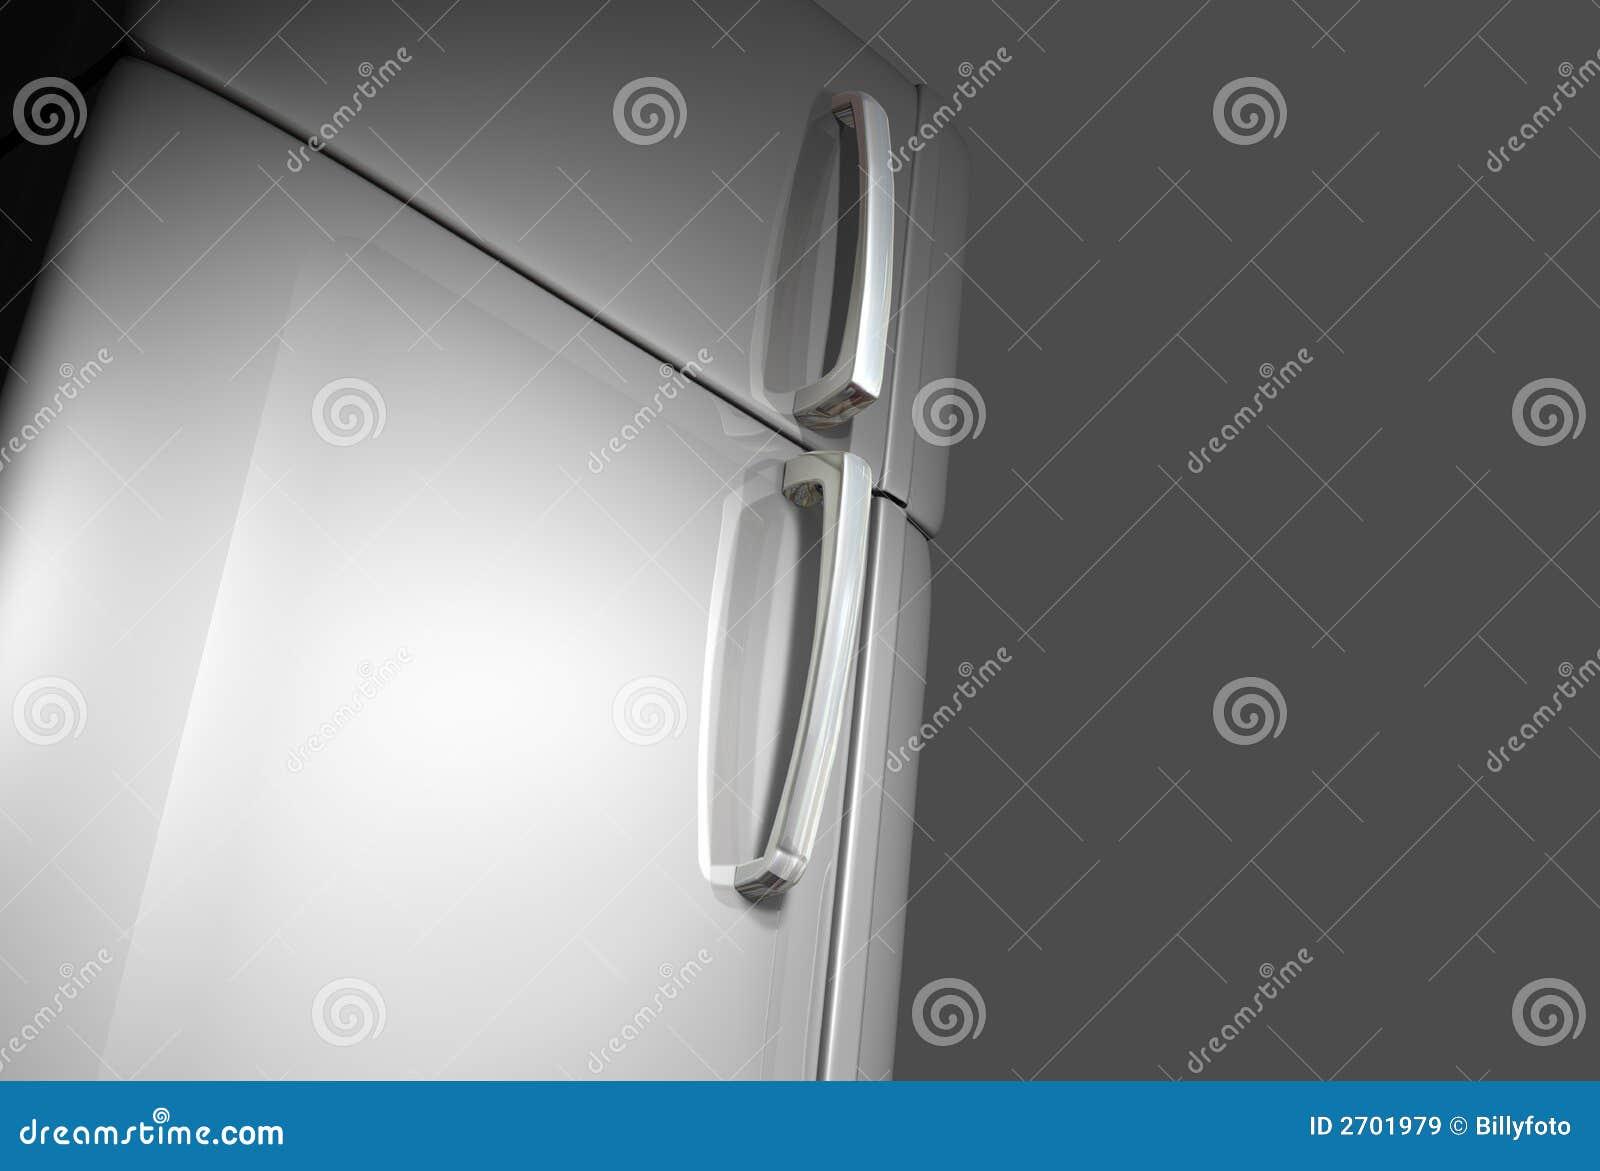 Porta do refrigerador